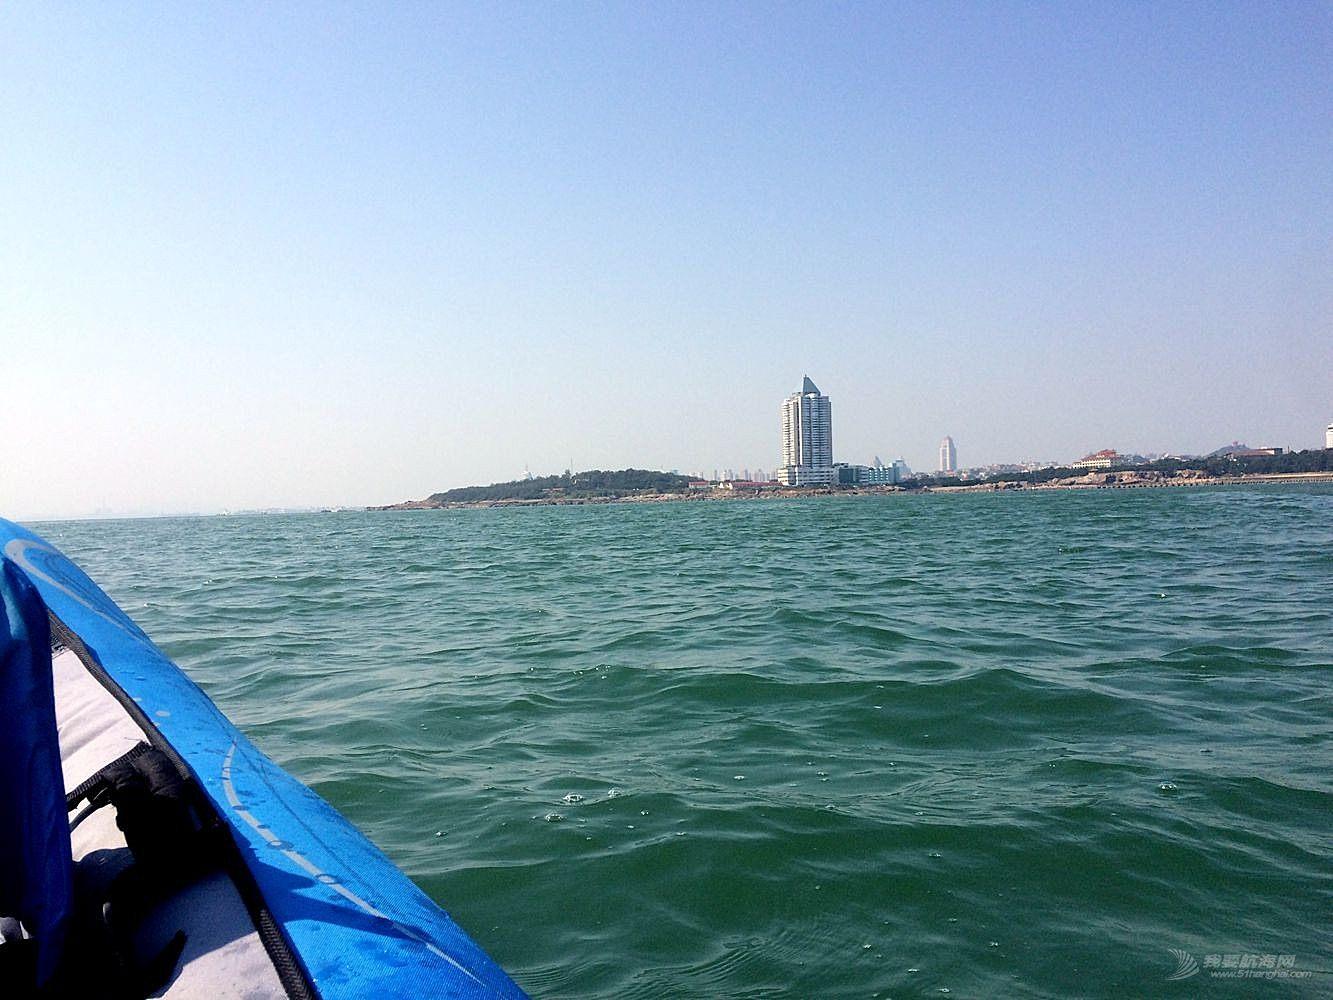 不忘初心,阳帆再出发!(二)胶莱运河二百公里行第一阶段划艇